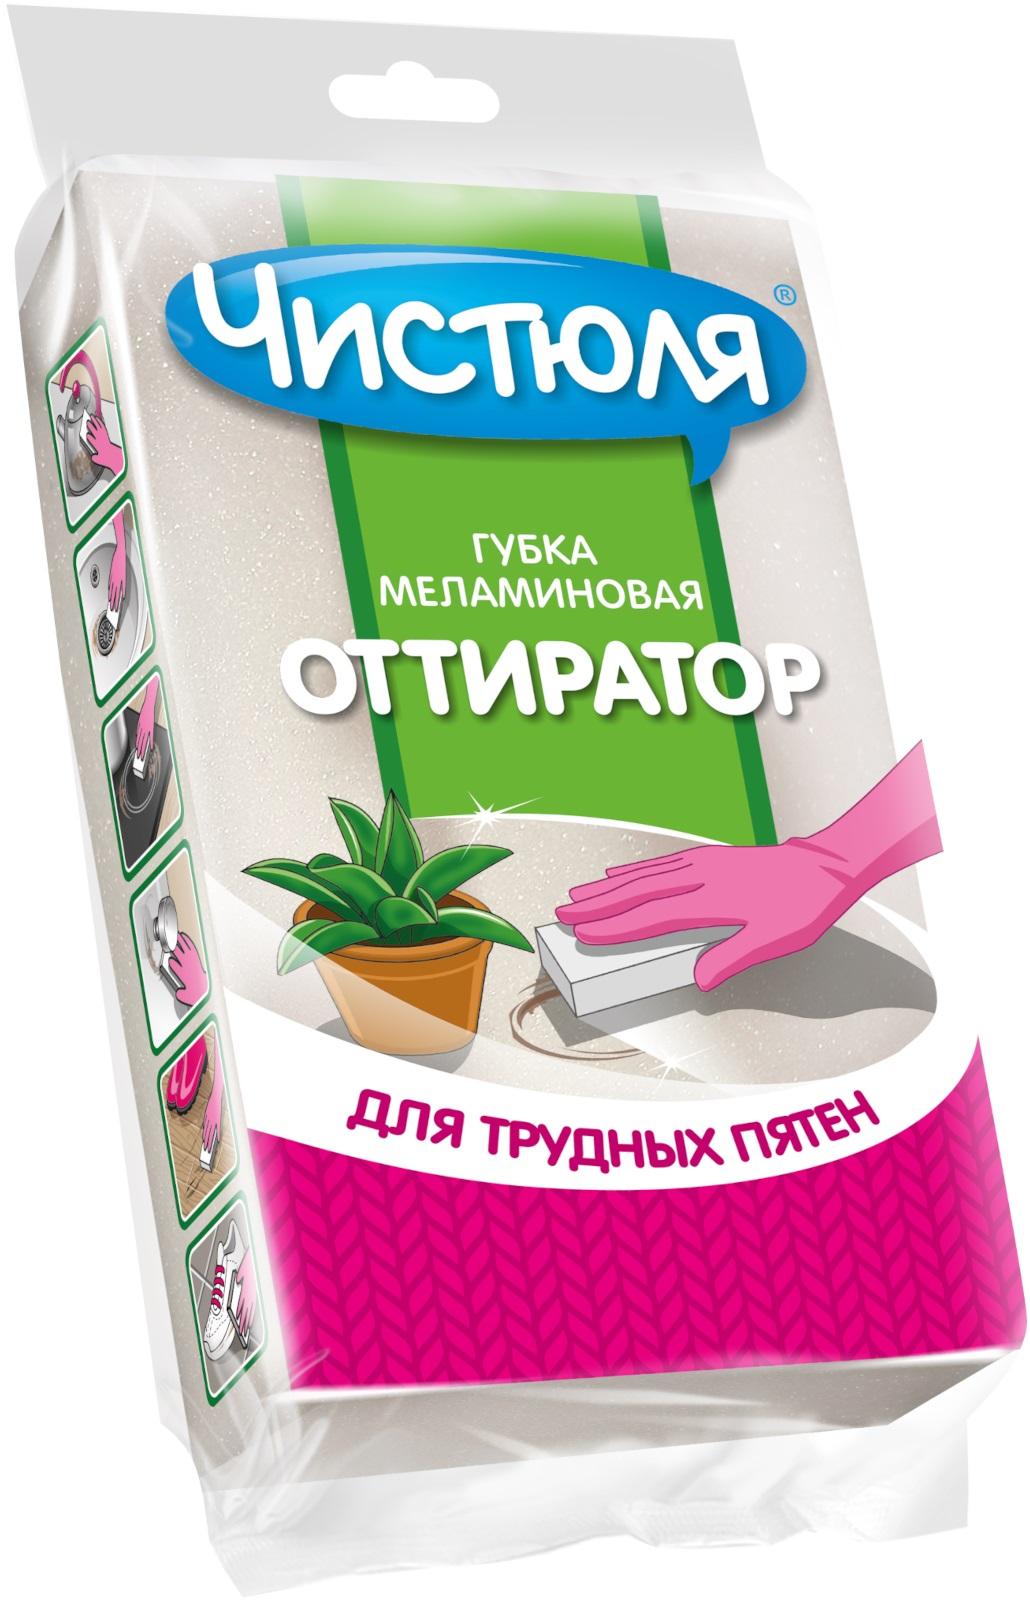 """Чистюля губка меламиновая """"ОТТИРАТОР"""" для сложных пятен, 1 шт"""